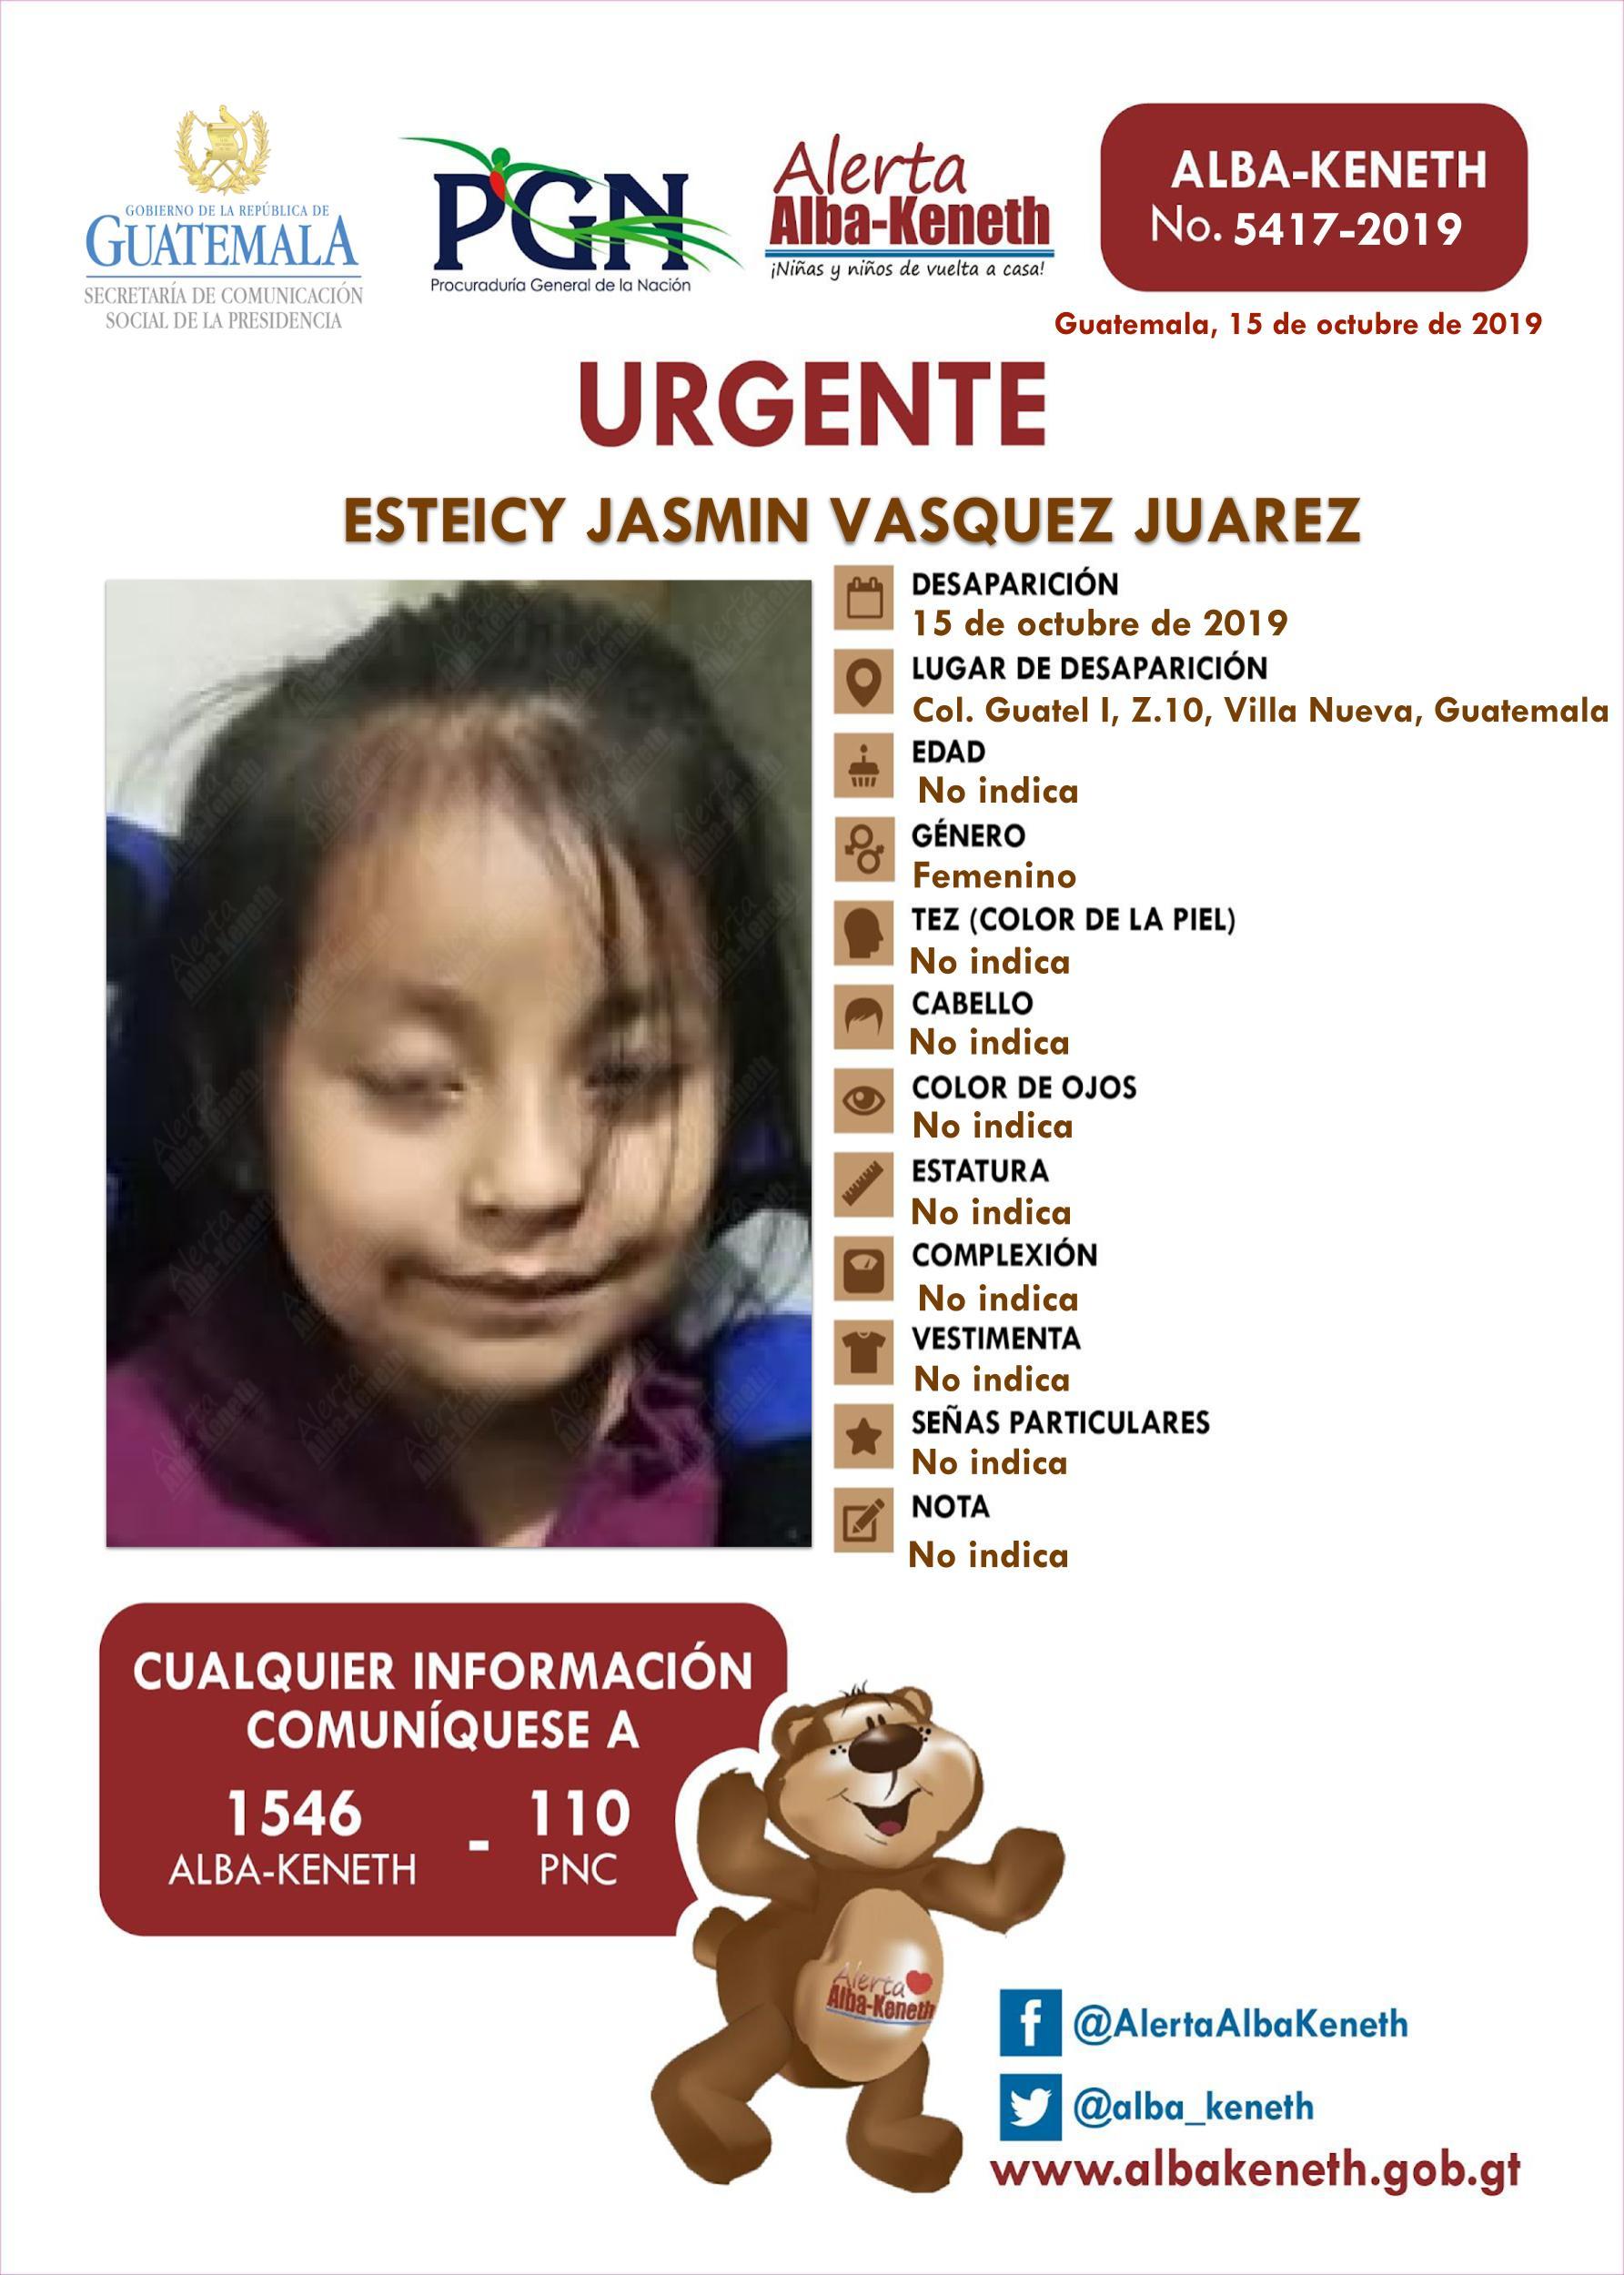 Esteicy Jasmin Vasquez Juarez